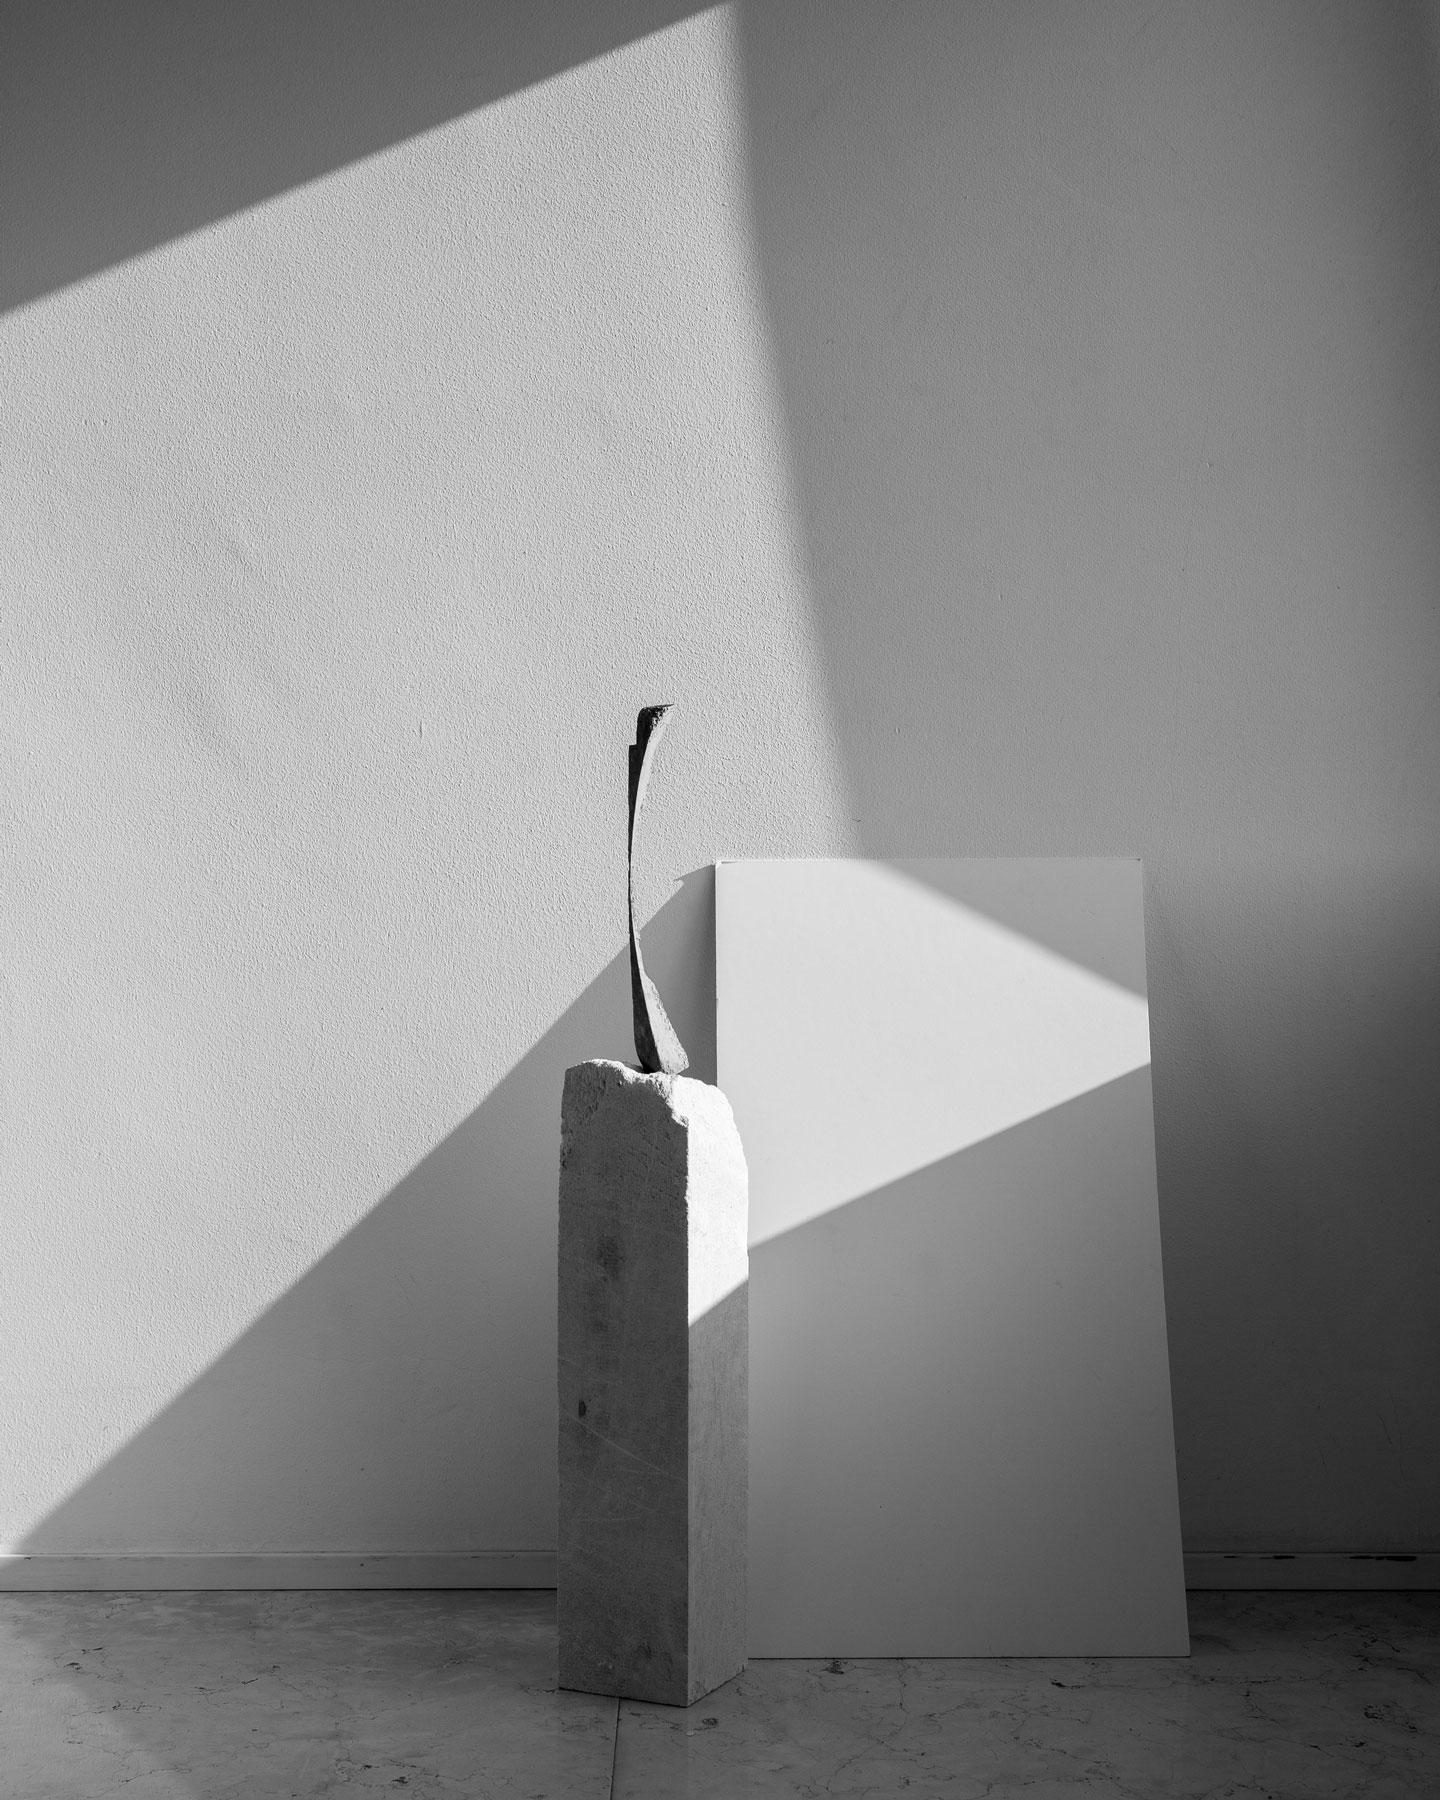 © 2019 Spazio Nuovo. Photograph by Marco Maria Zanin. 'Mezzogiorno Locale Vero' (2017) Fine art print on cotton paper